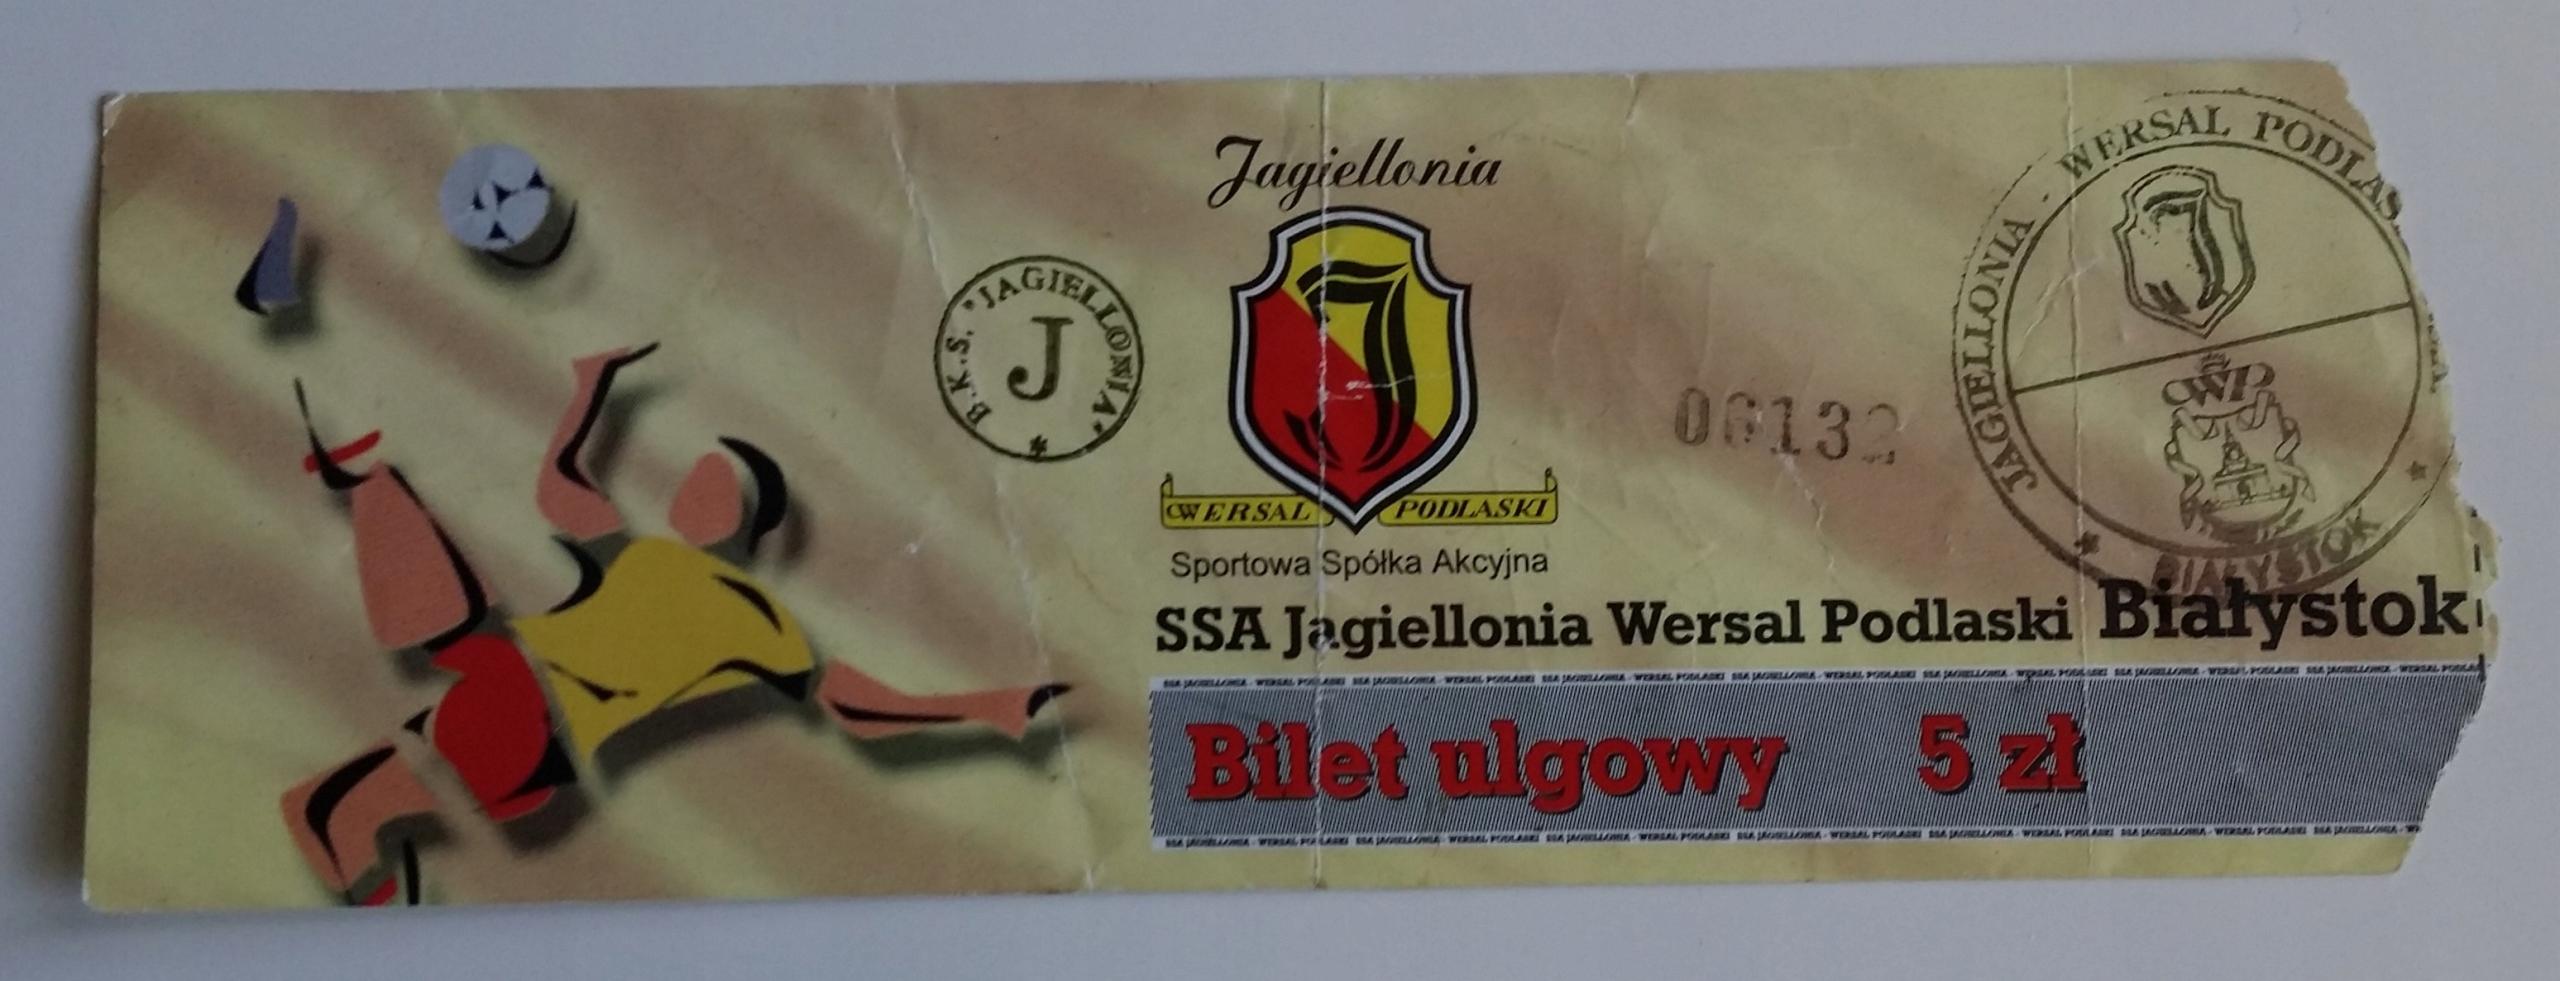 Bilet Jagiellonia Wersal Podlaski Białystok